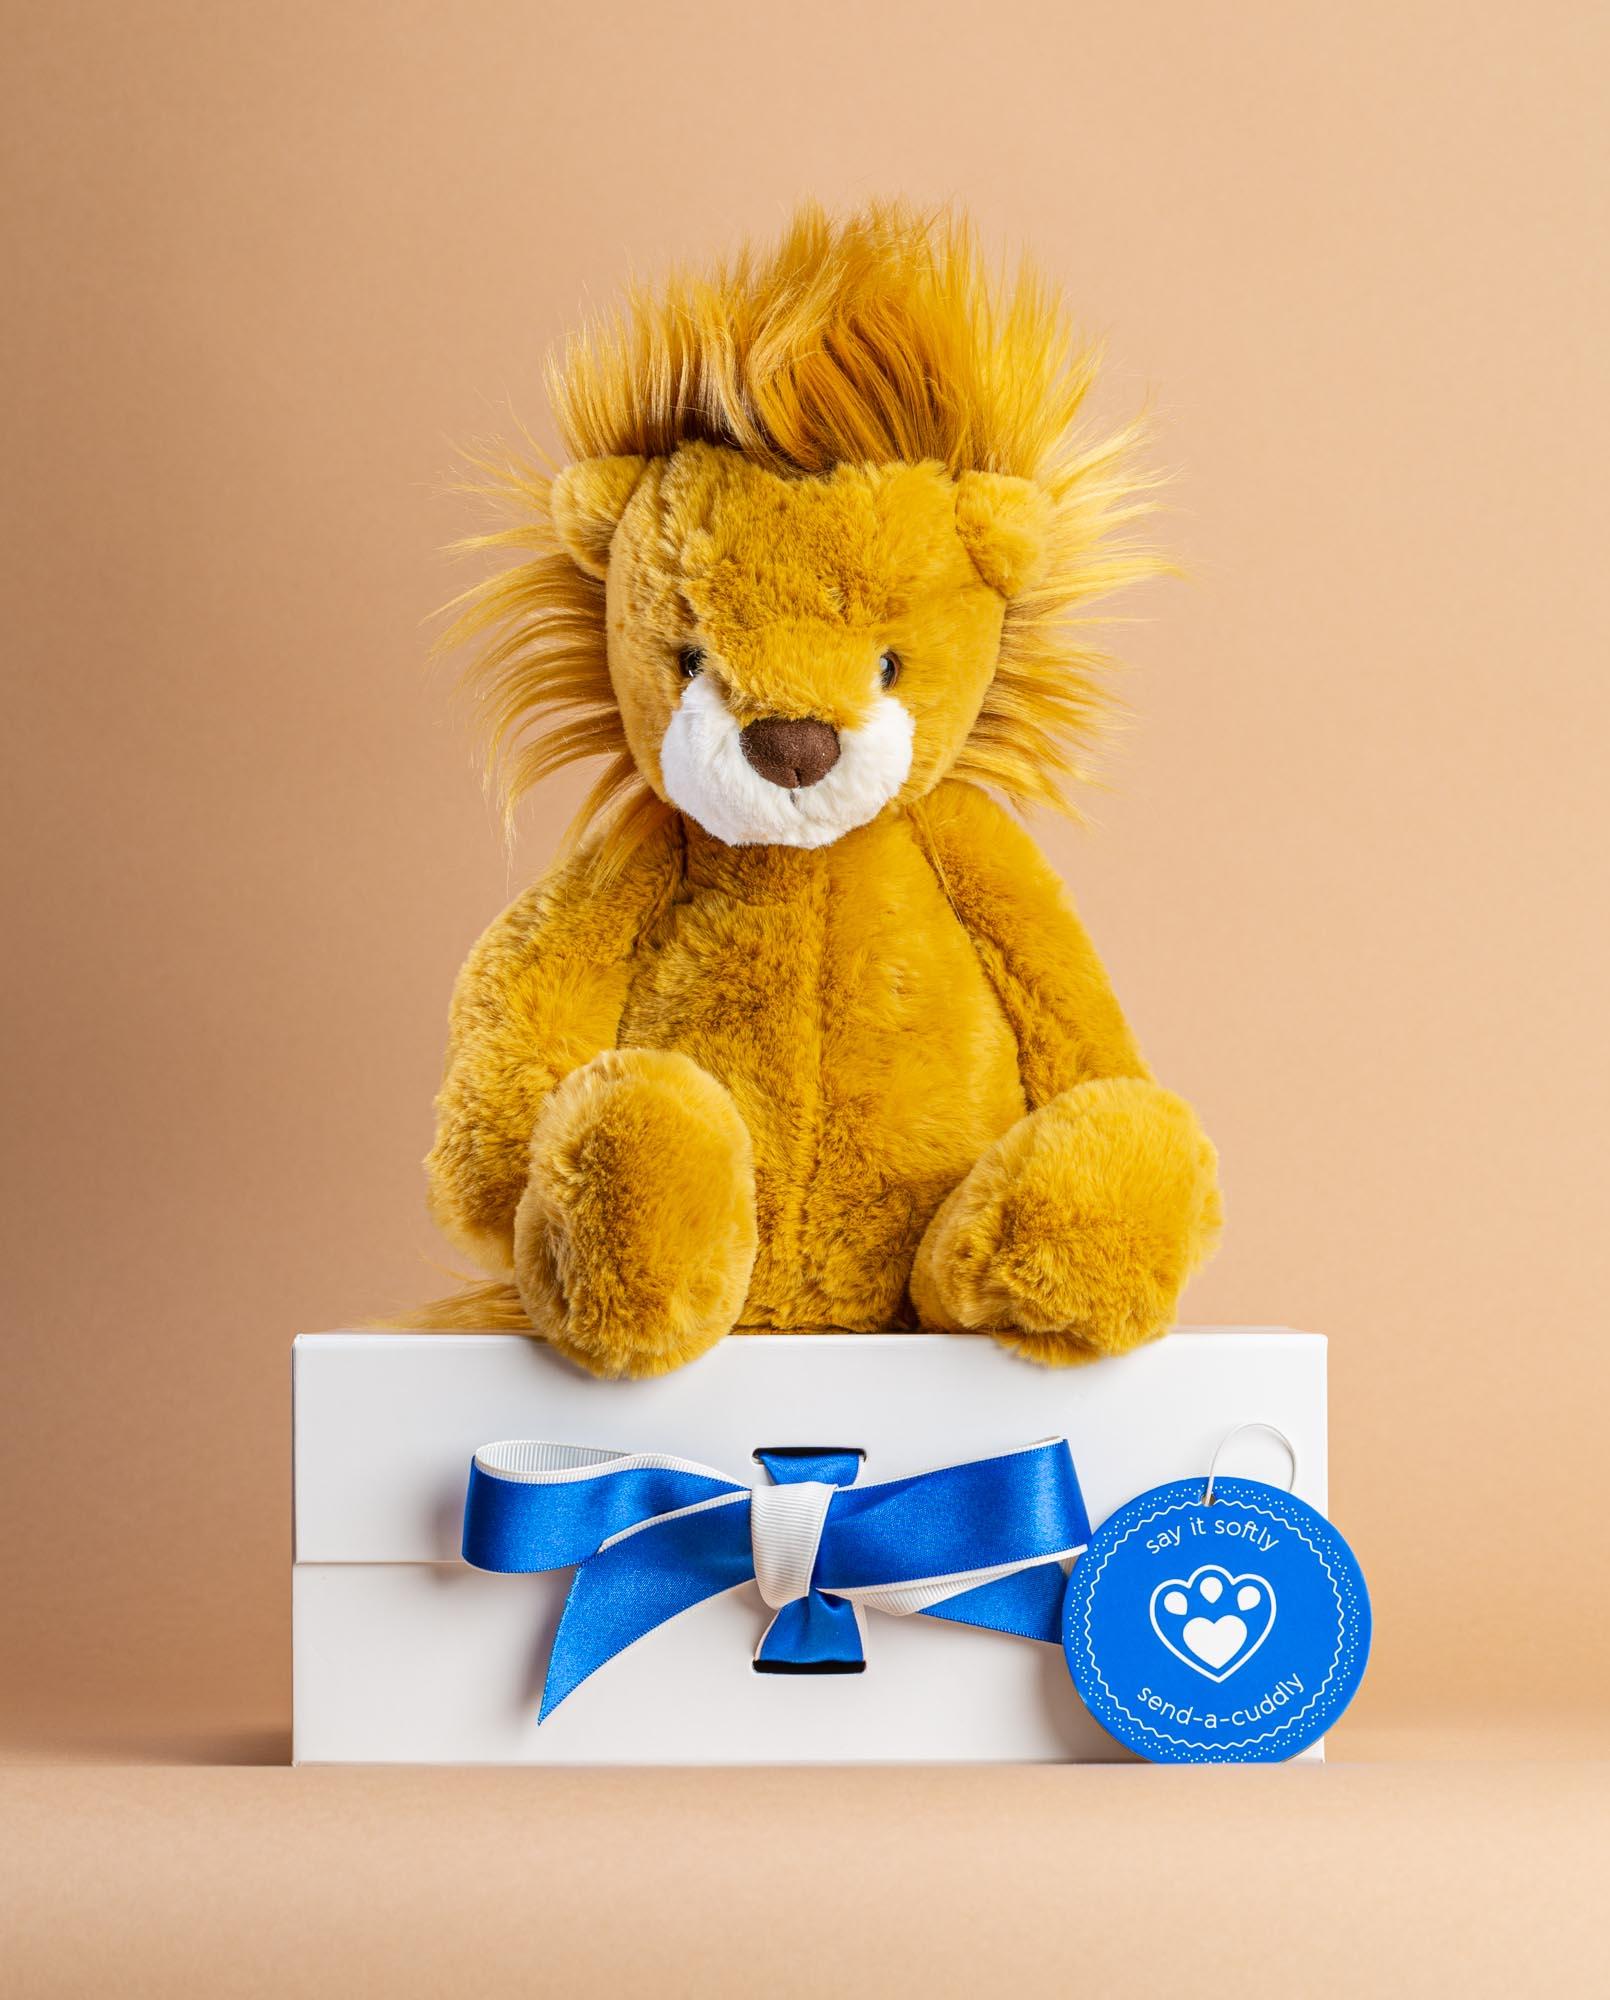 Wumper Lion Soft Toy - Send a Cuddly